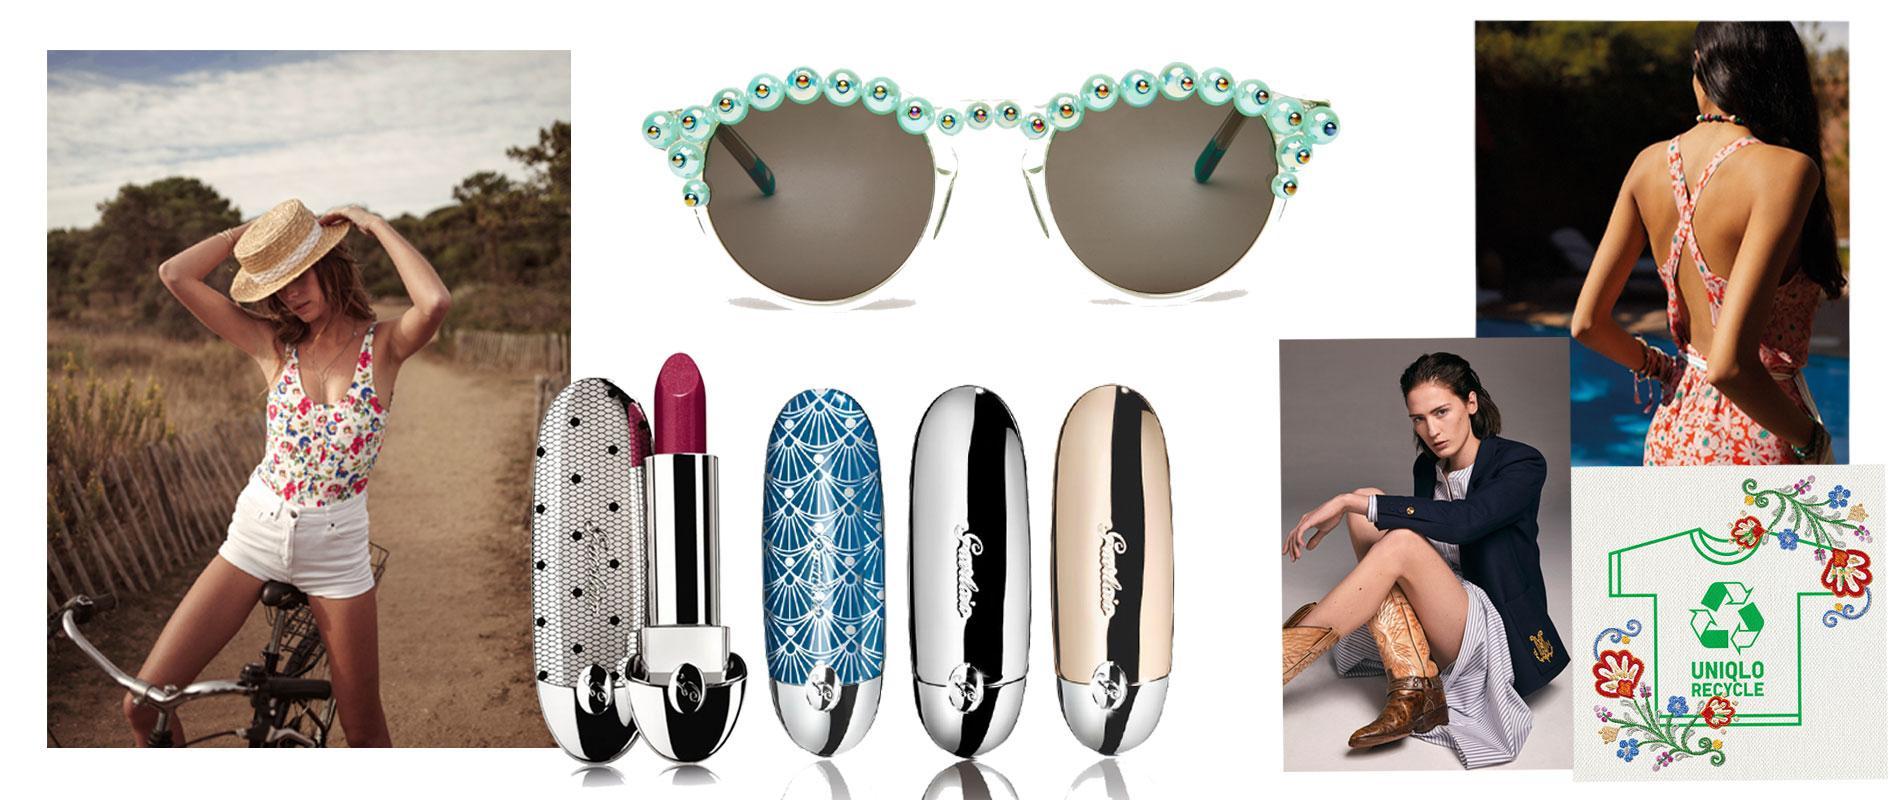 bc5d1920e6e92 Cette semaine, on rêve à l'été avec Princesse tam.tam x Elisa Nalin, la  nouvelle collection de maillots de bain Ysé et les lunettes Freda Banana.